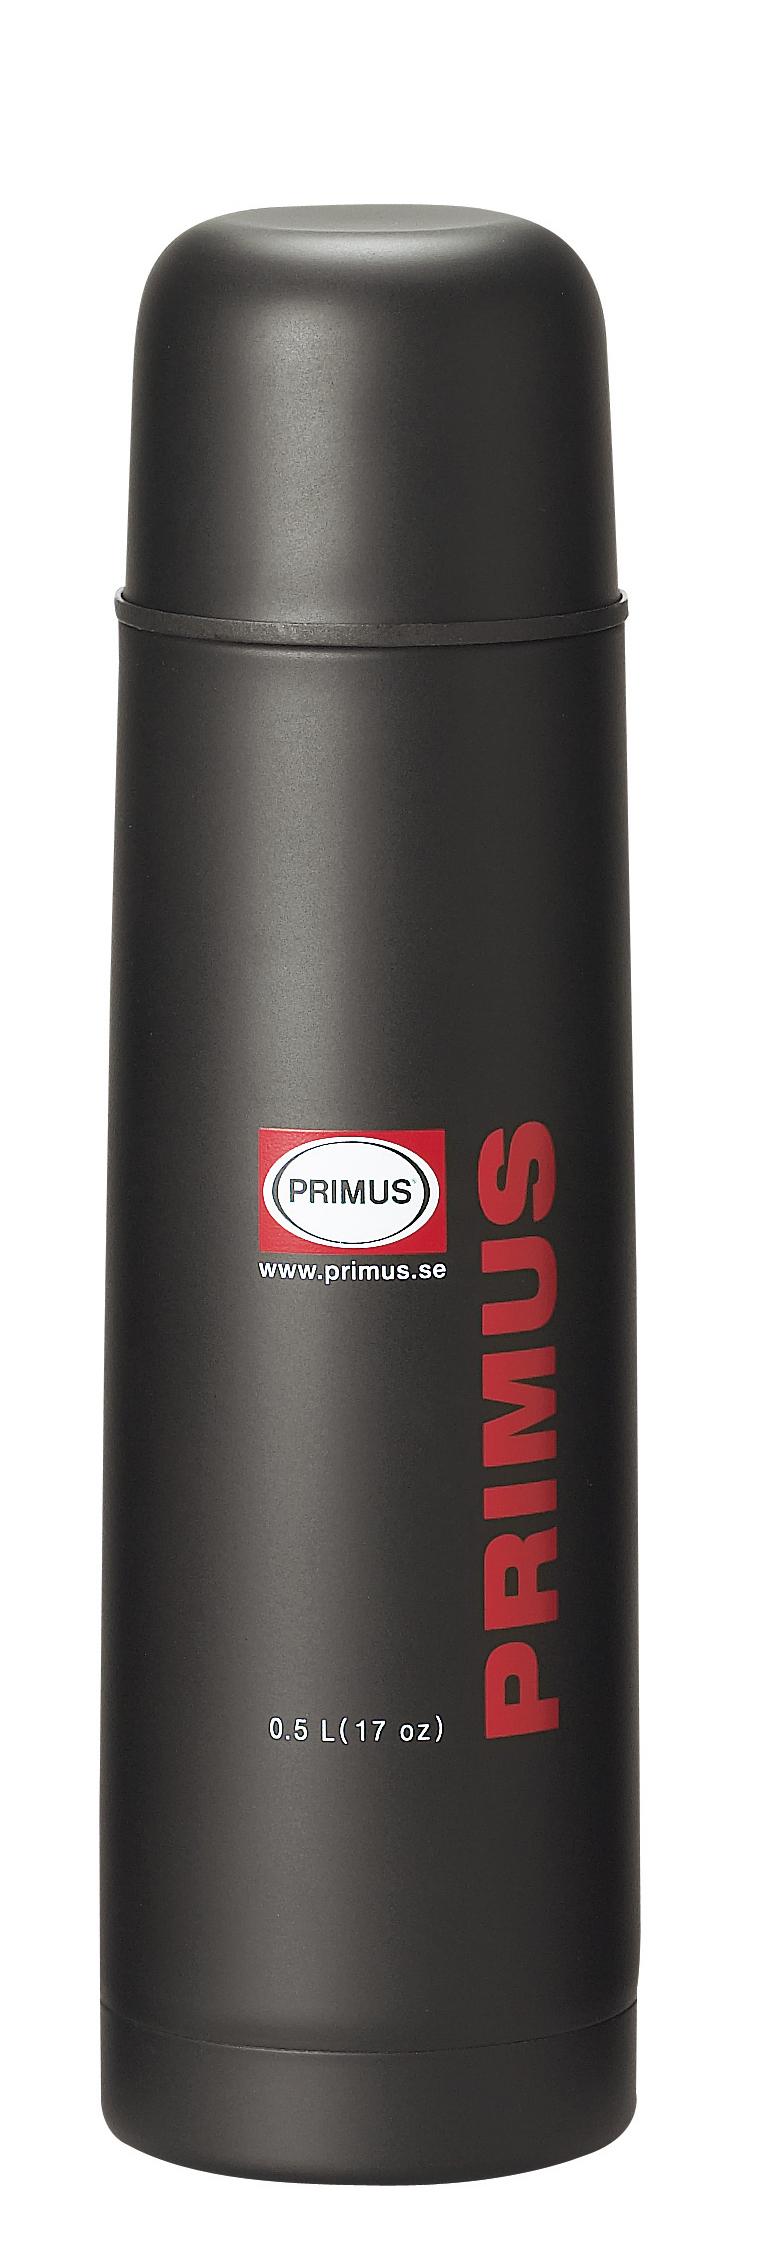 Primus Isolierflasche 0,5 L Thermoskanne schwarz